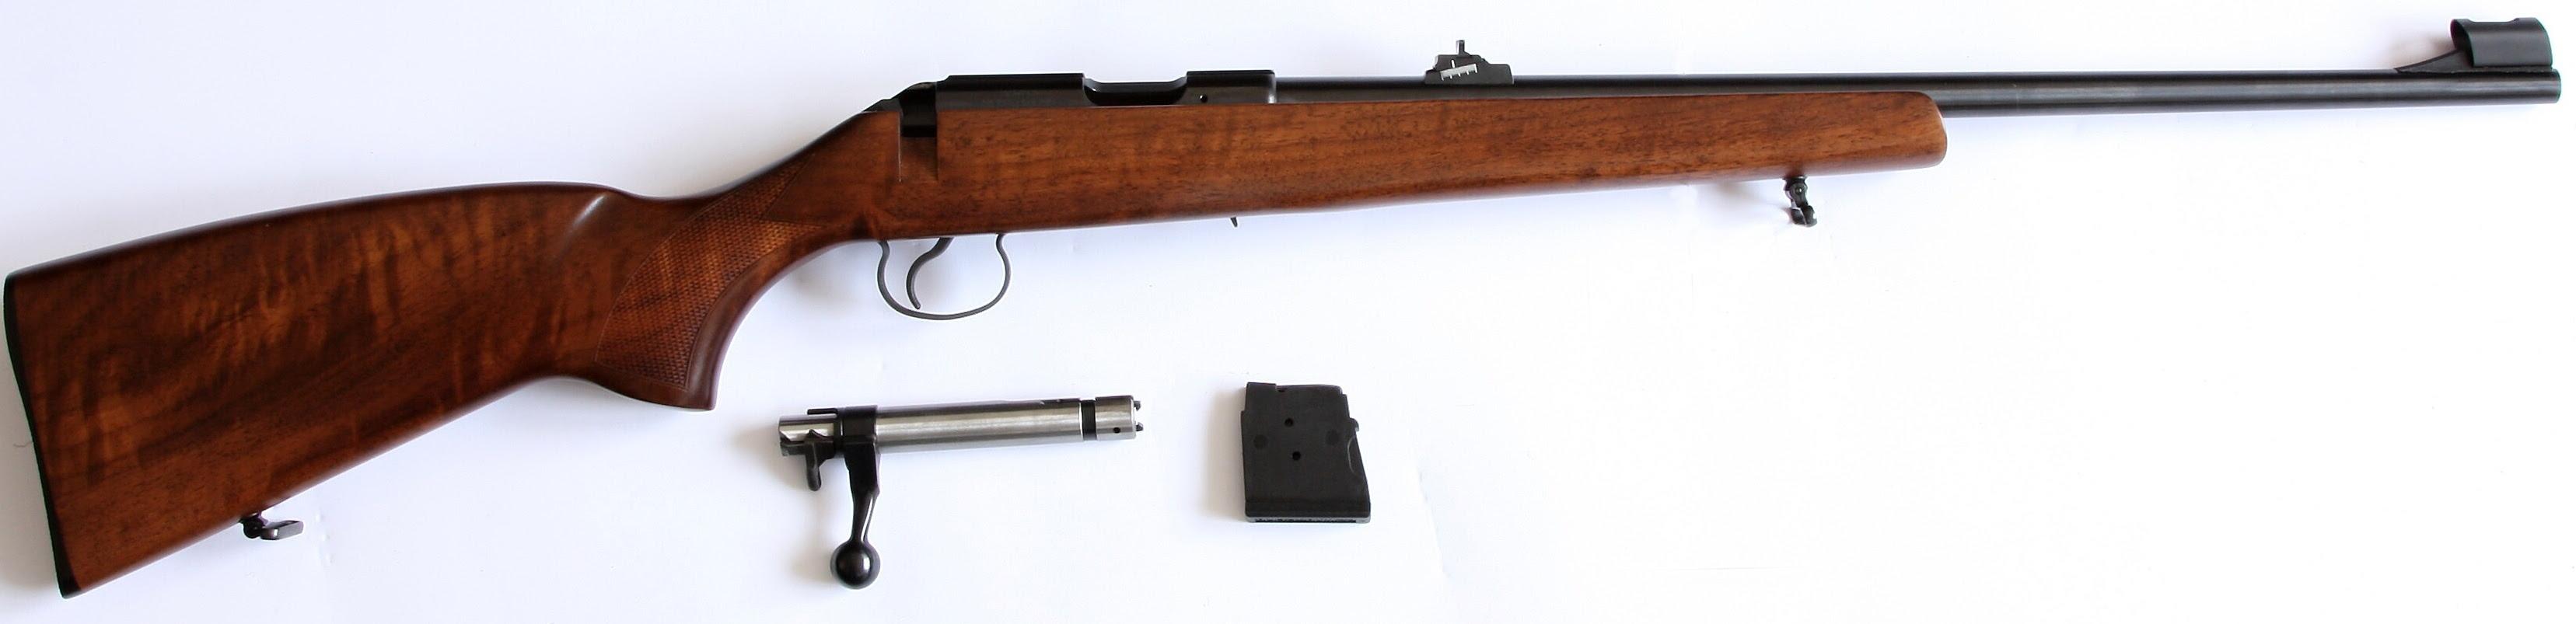 CZ 455 Lux s vyjmutým závěrem a zásobníkem